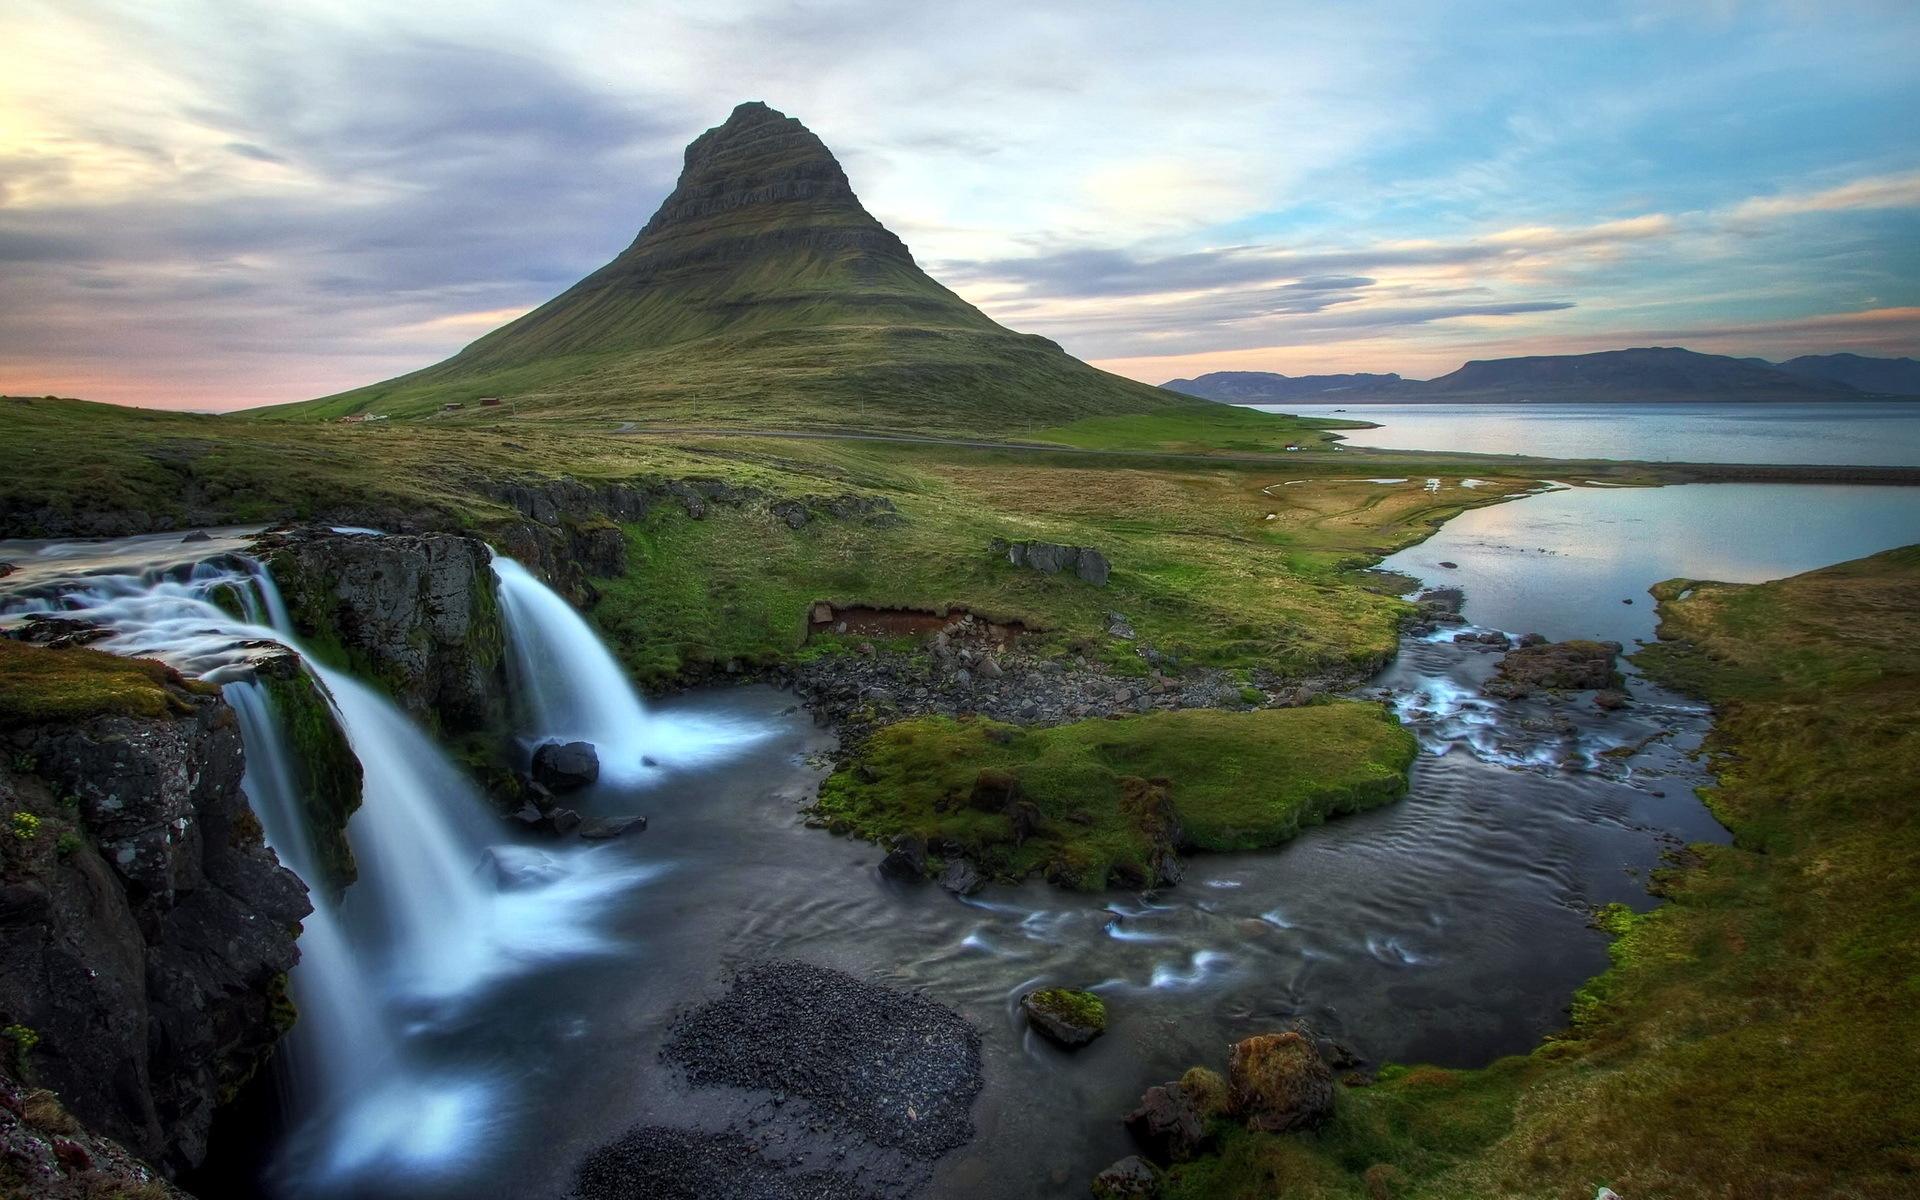 обои на рабочий исландия под заказ двухцветных